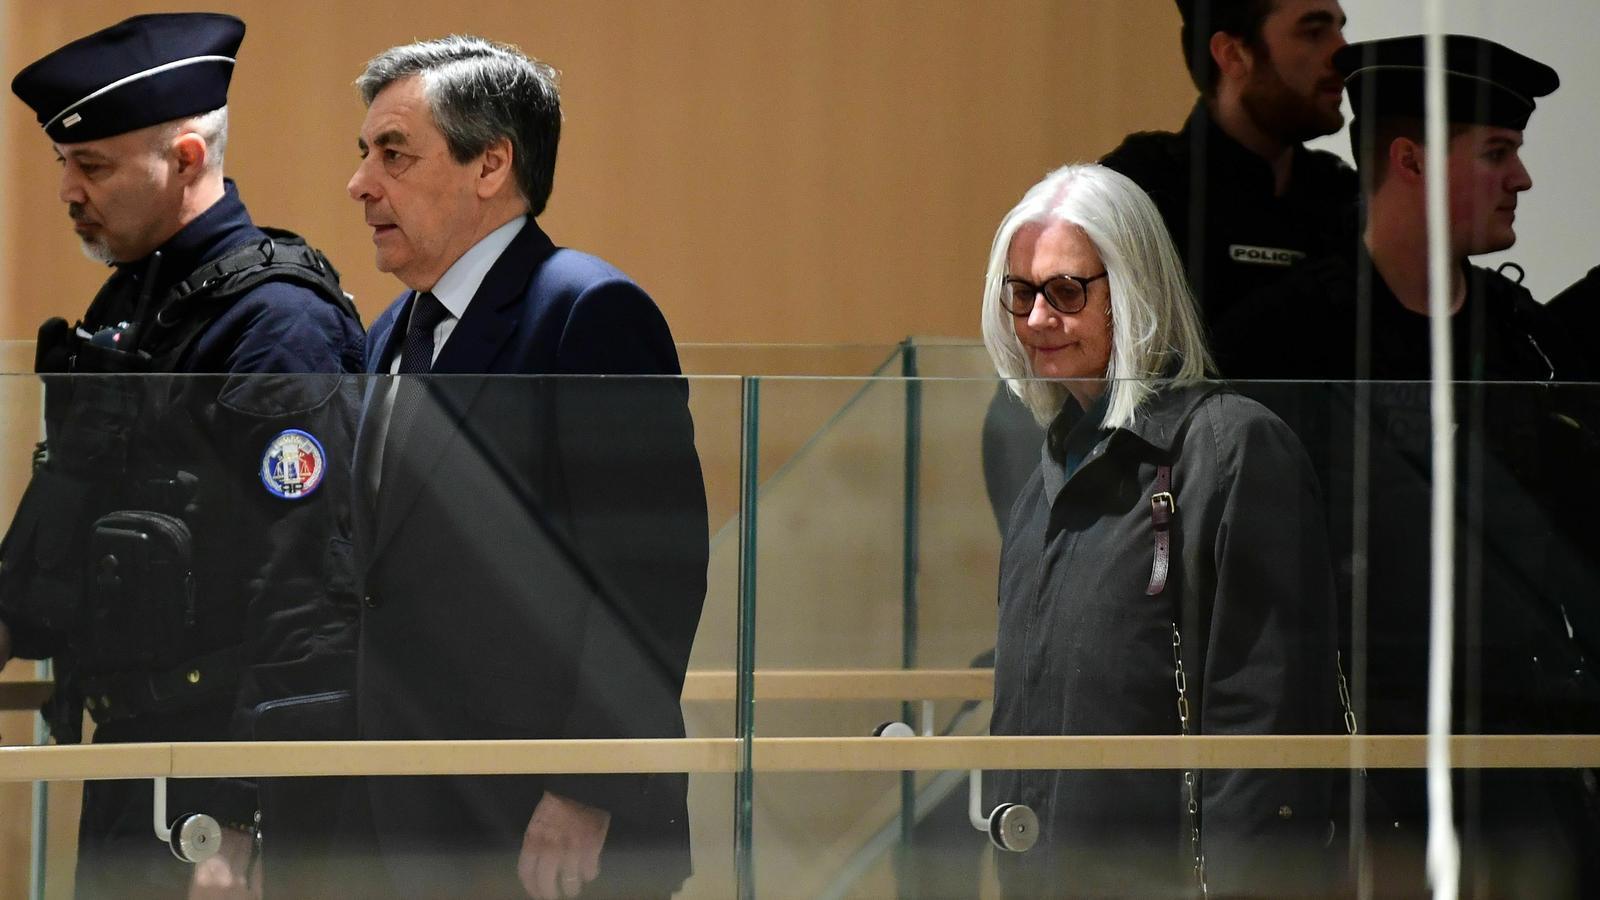 L'exprimer ministre francès François Fillon i la seva dona Penelope arriben al tribunal que els jutjarà per presumpta malversació de fons públics.